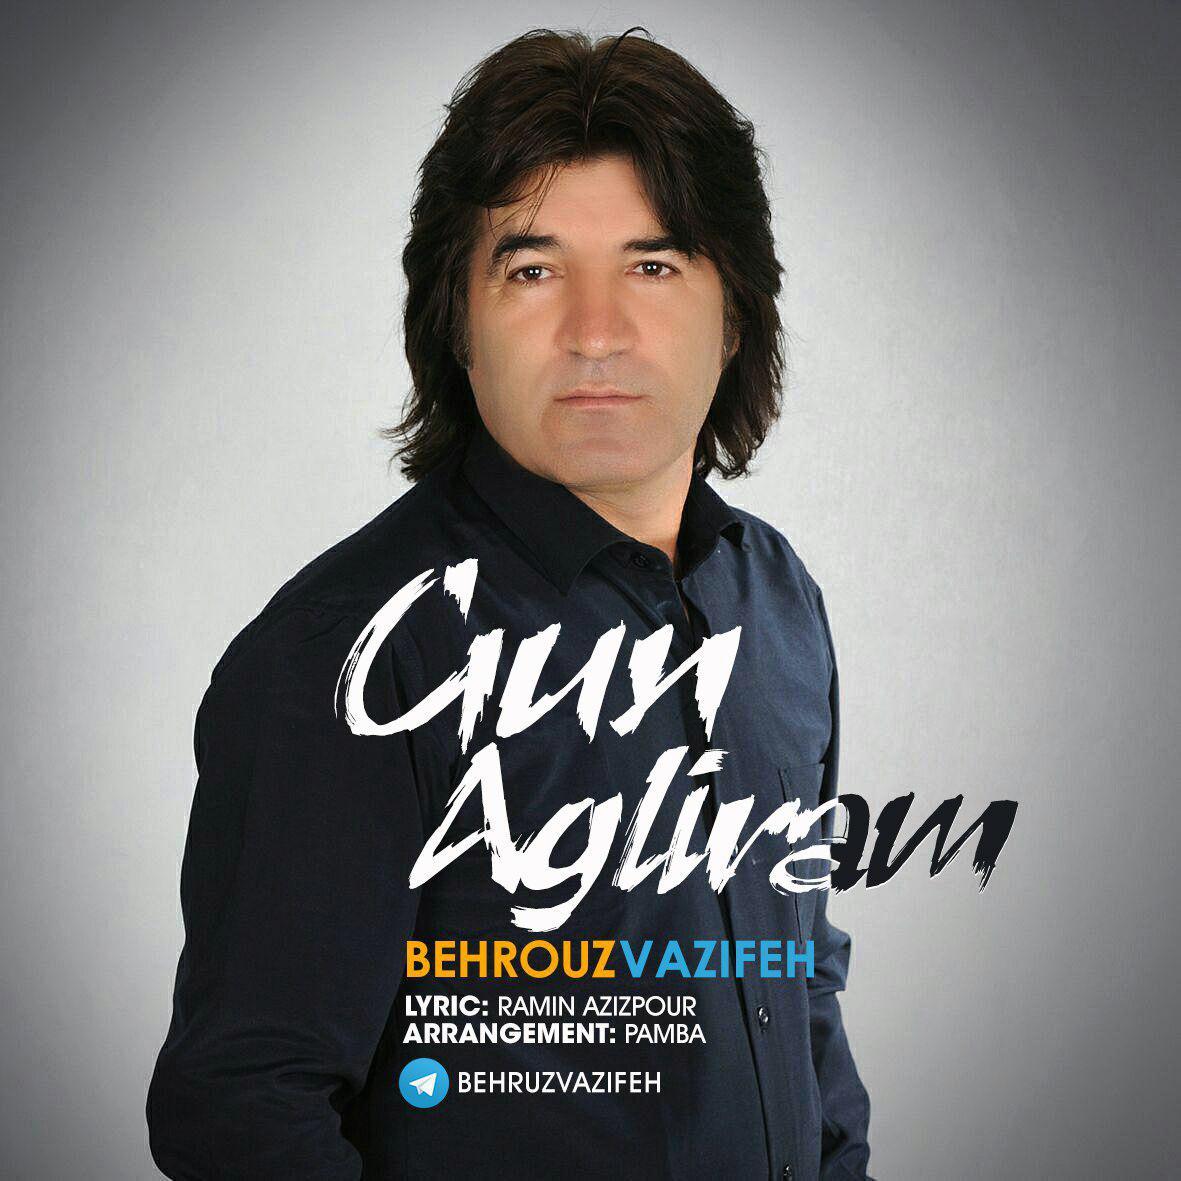 http://birtunes.ir/wp-content/uploads/2018/11/Behrouz-Vazifeh-Gun-Agliram.jpg